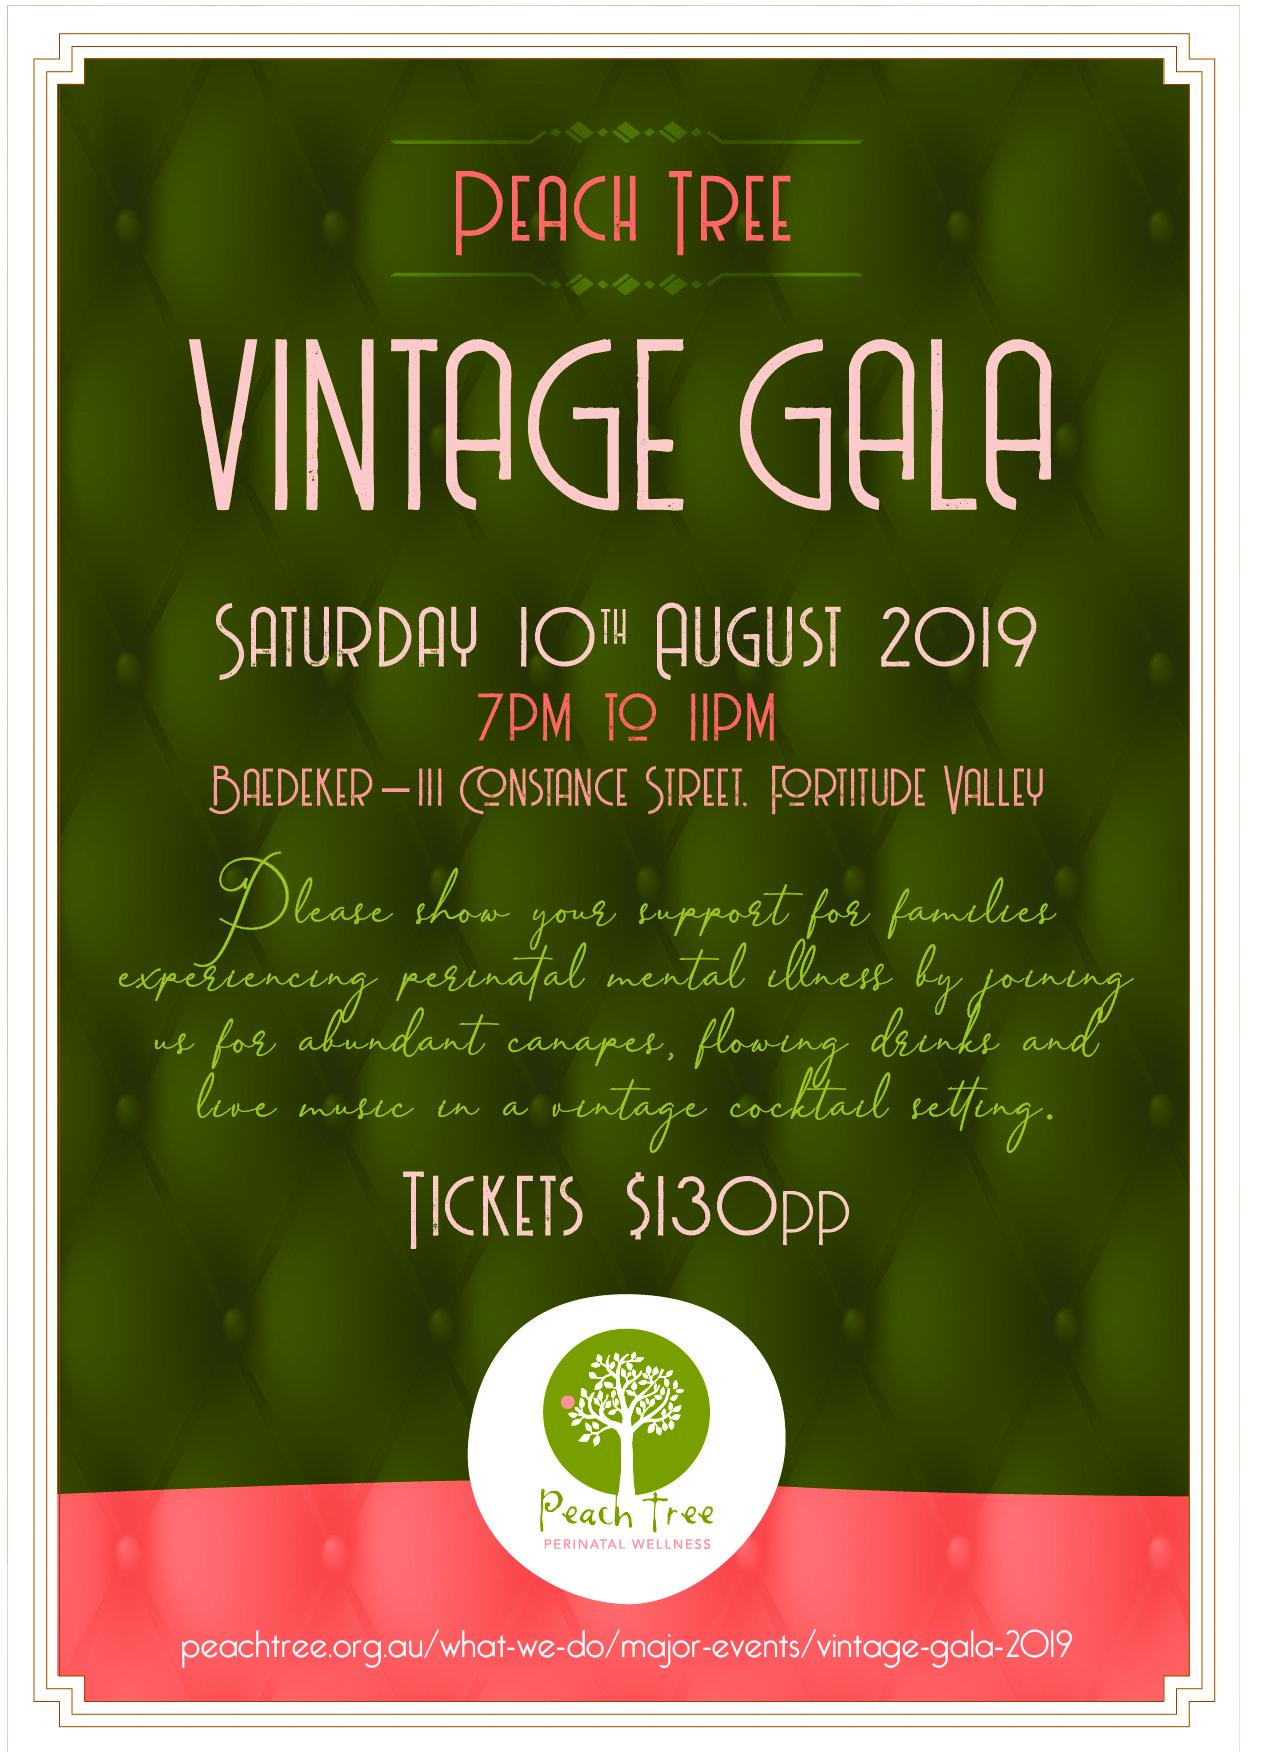 Vintage Gala 2019 | Peach Tree